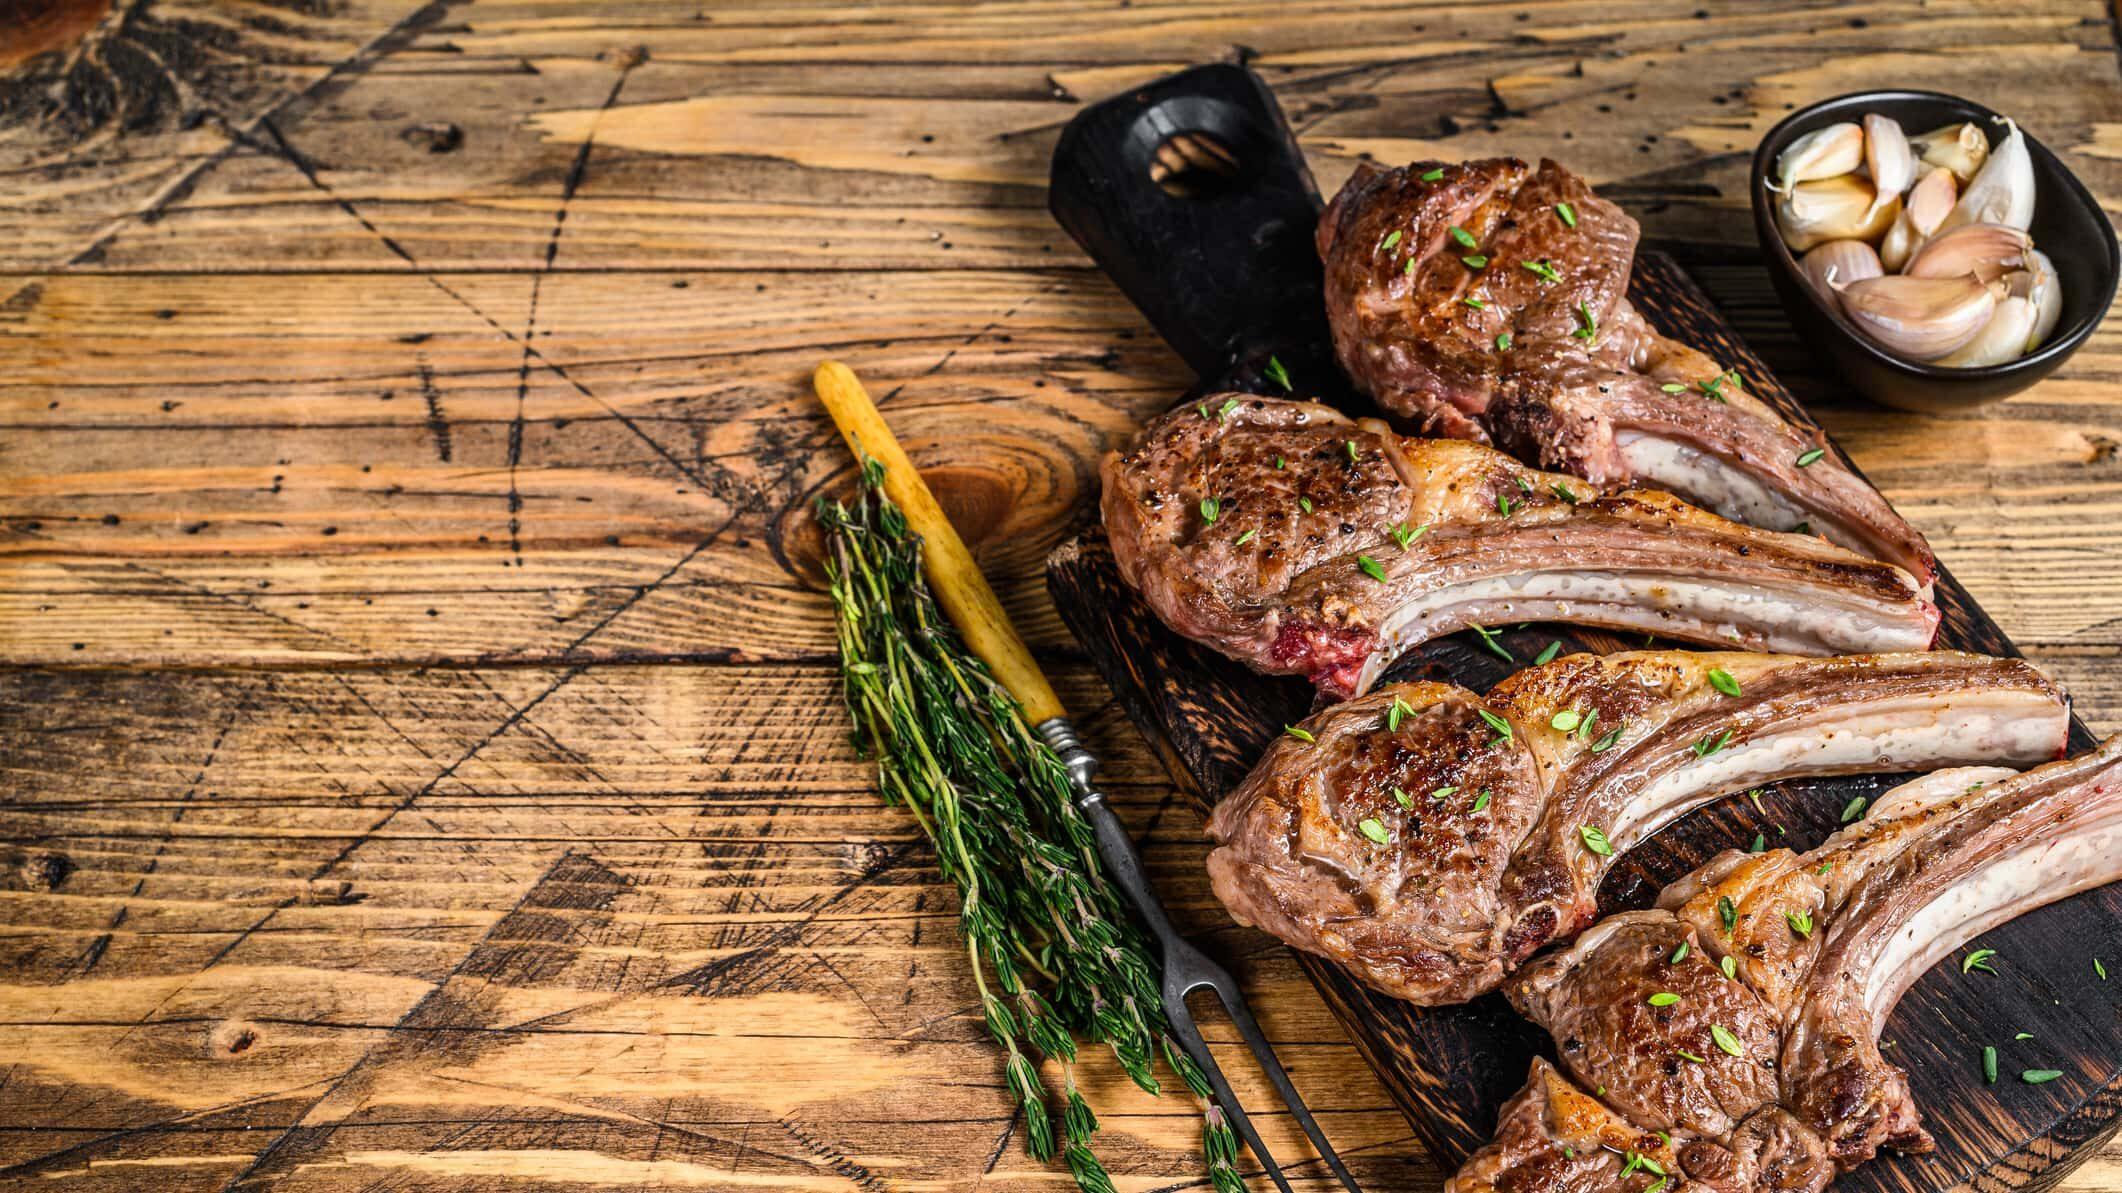 vier gegrillte Lammkoteletts auf Brett, garniert mit einem Stängel Rosmarin und Knoblauchzehen im Hintergrund